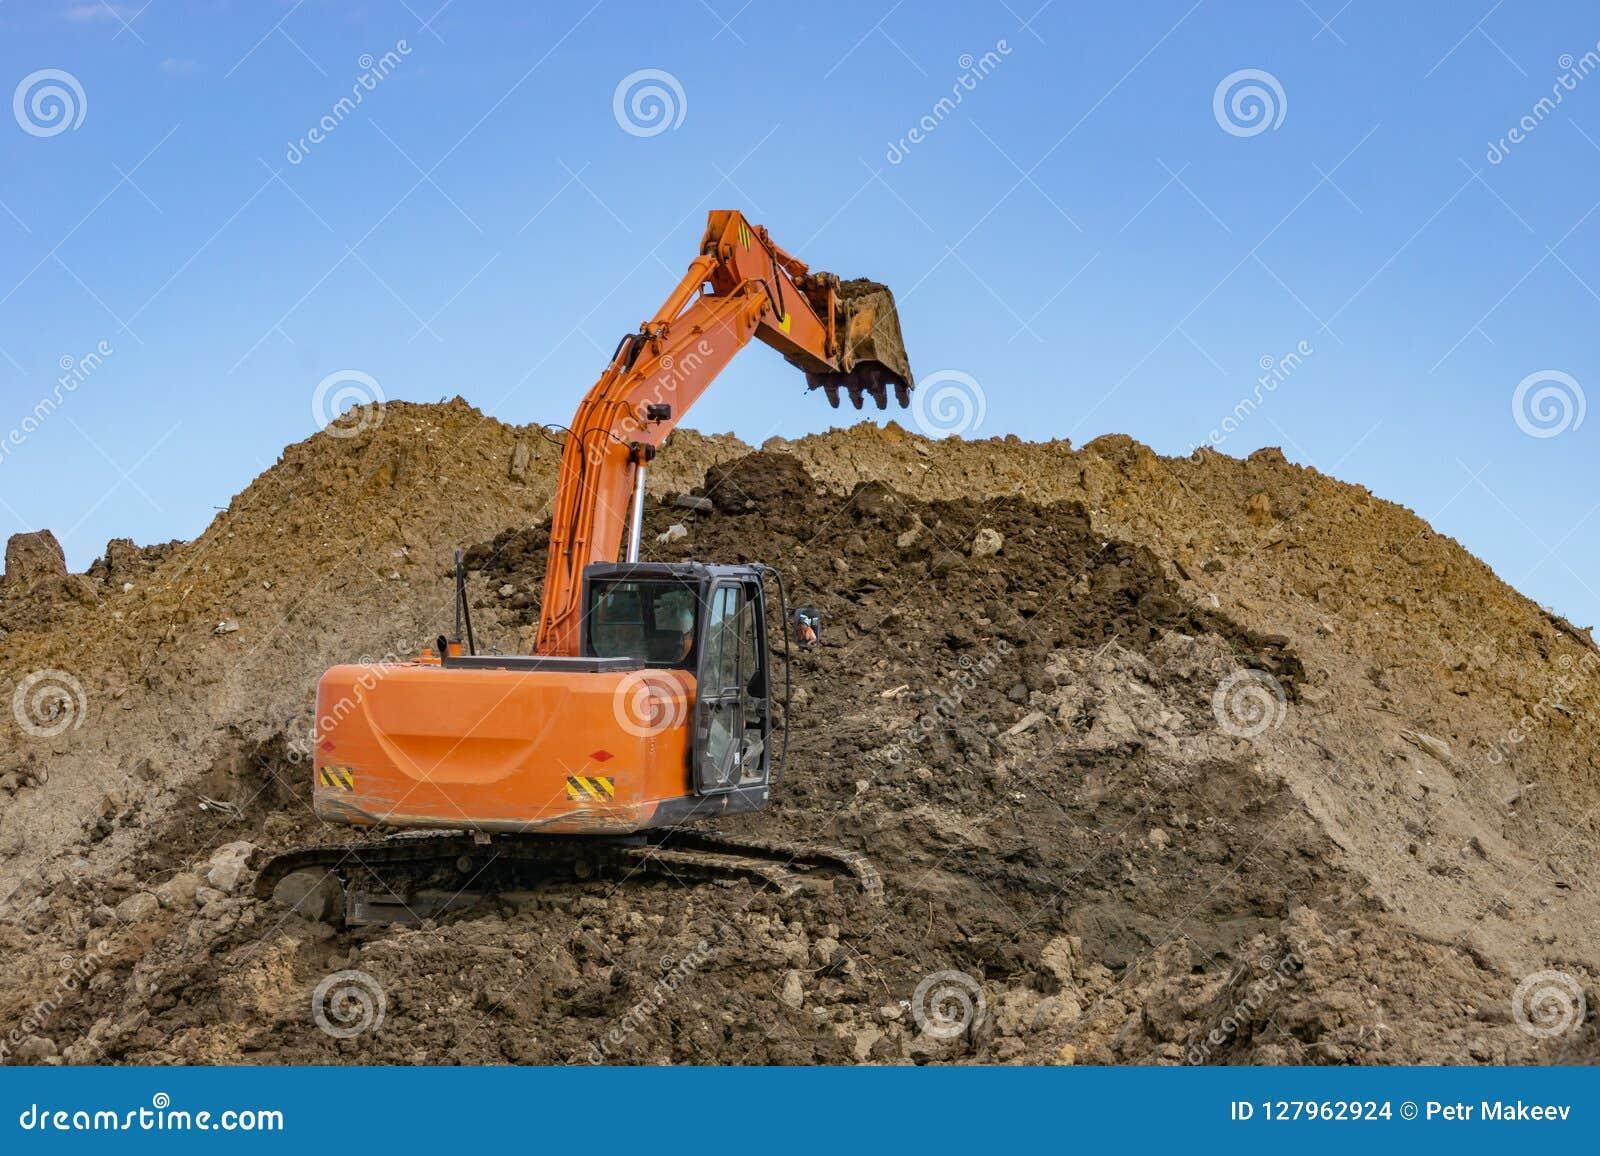 Оранжевый экскаватор на куче песка с поднятым ведром